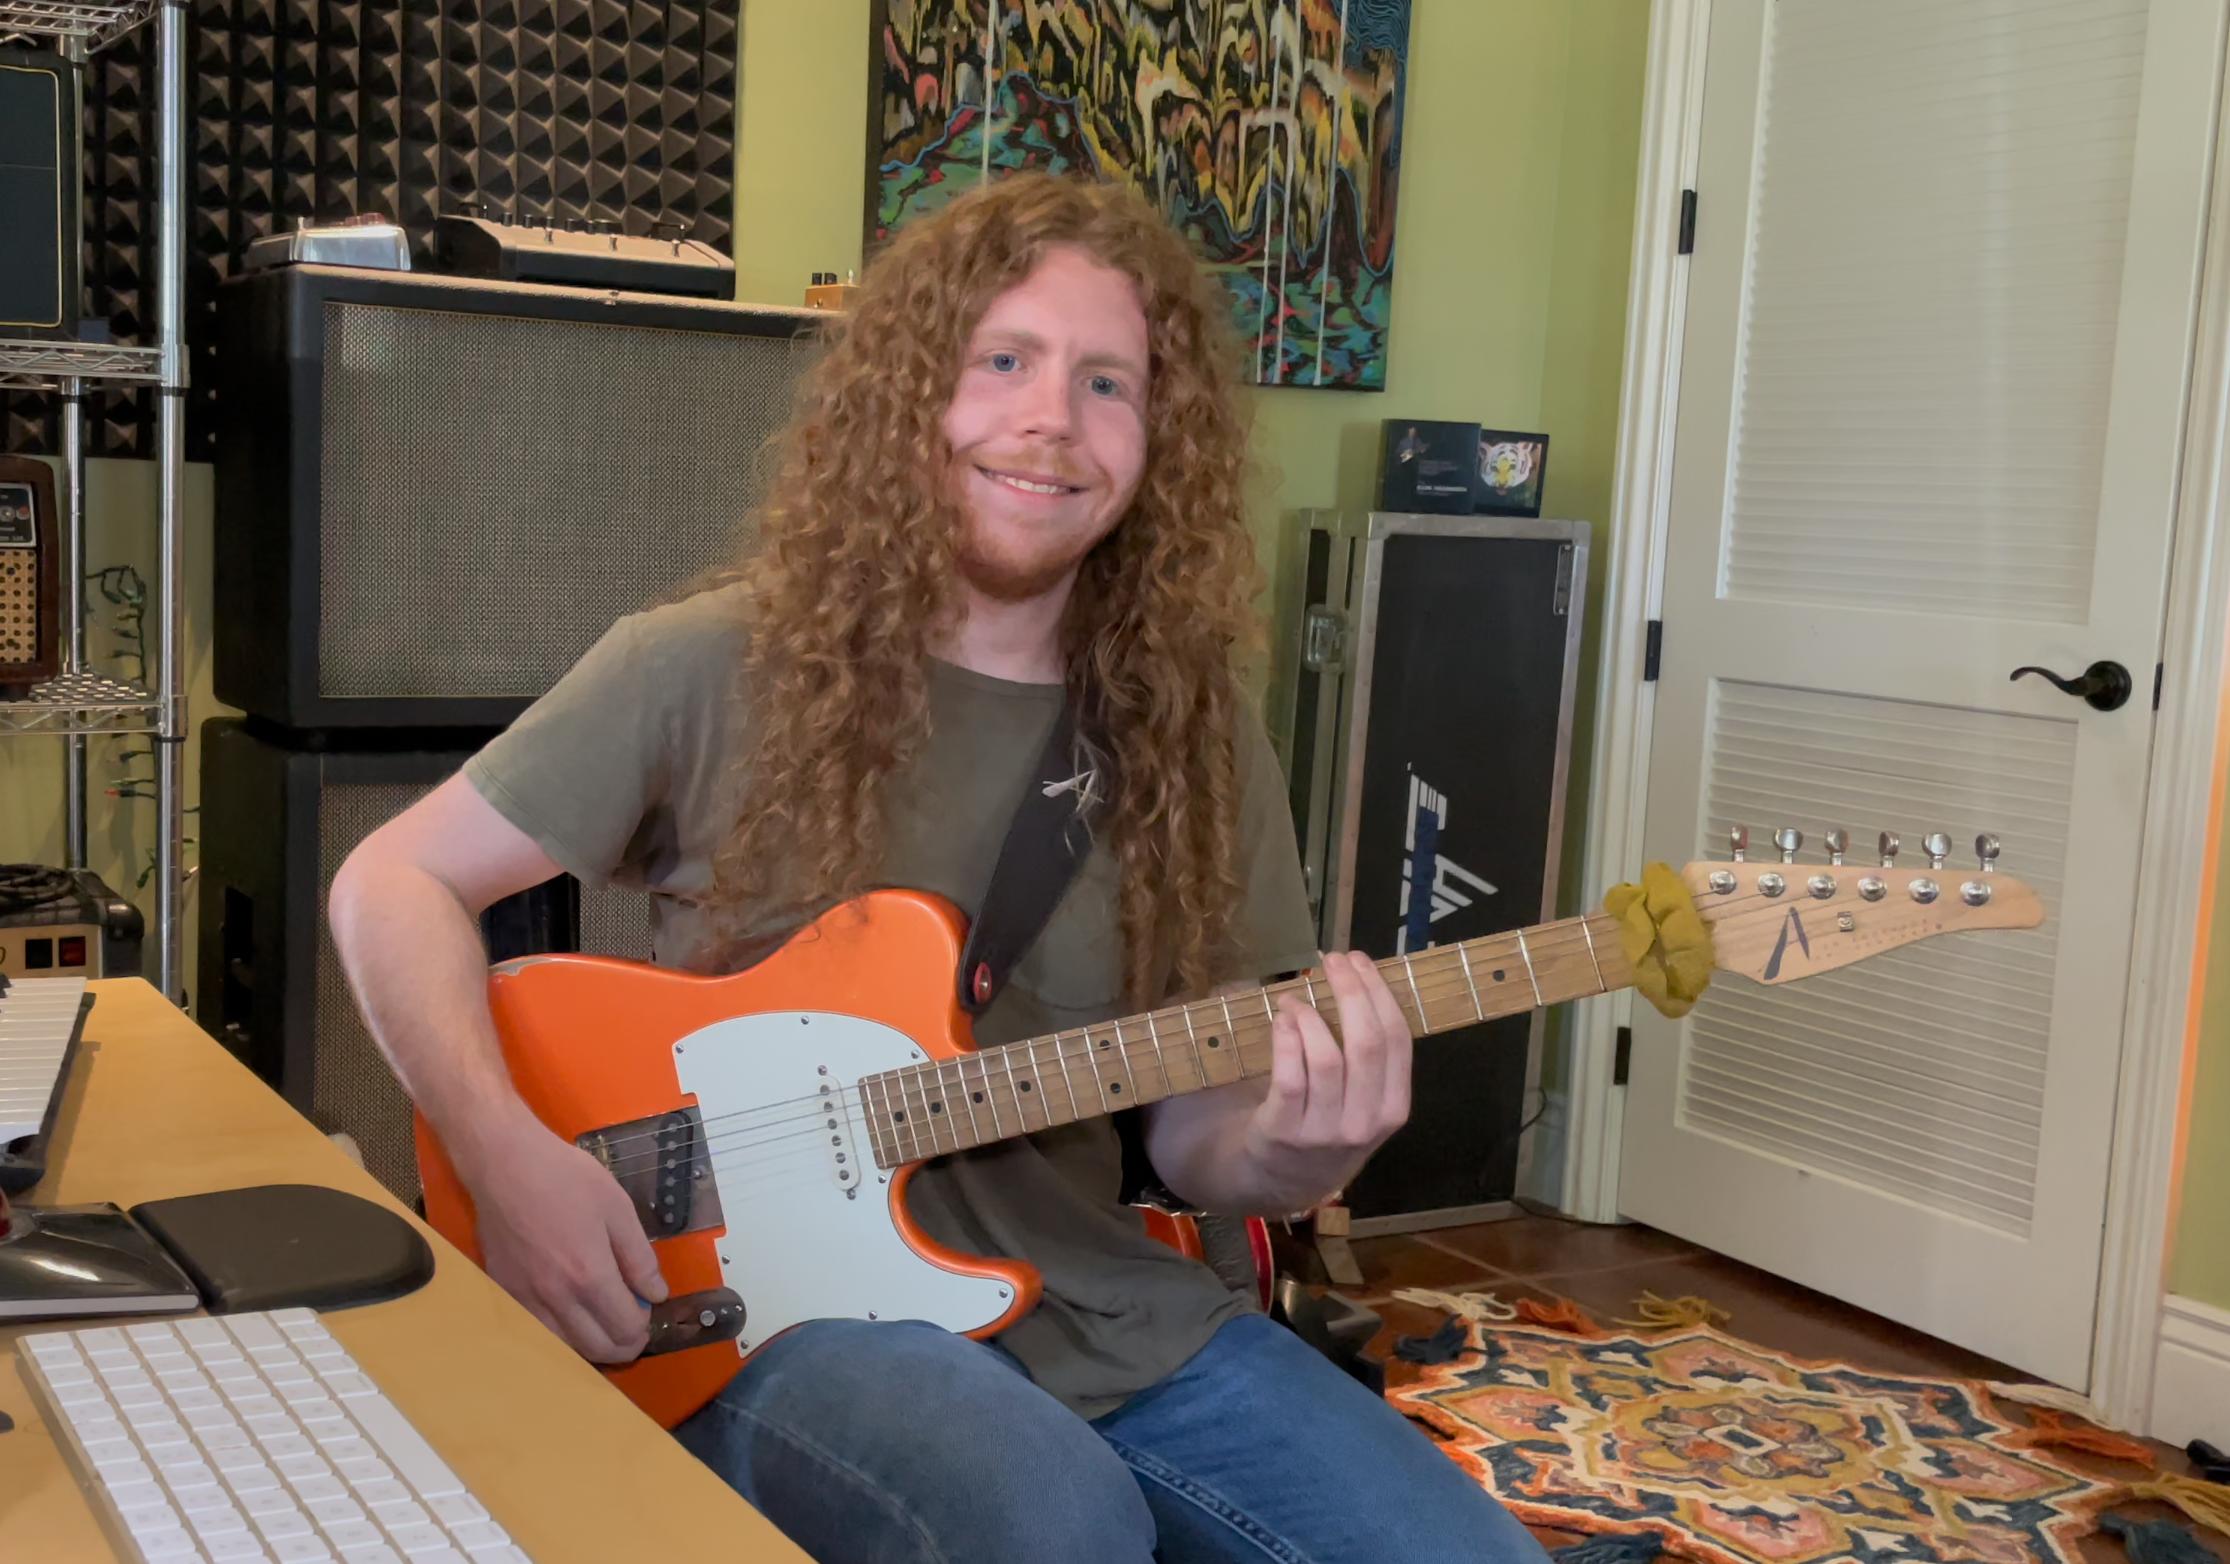 Sean Ashe, interview guitare à la main avec ce talentueux musicien américain